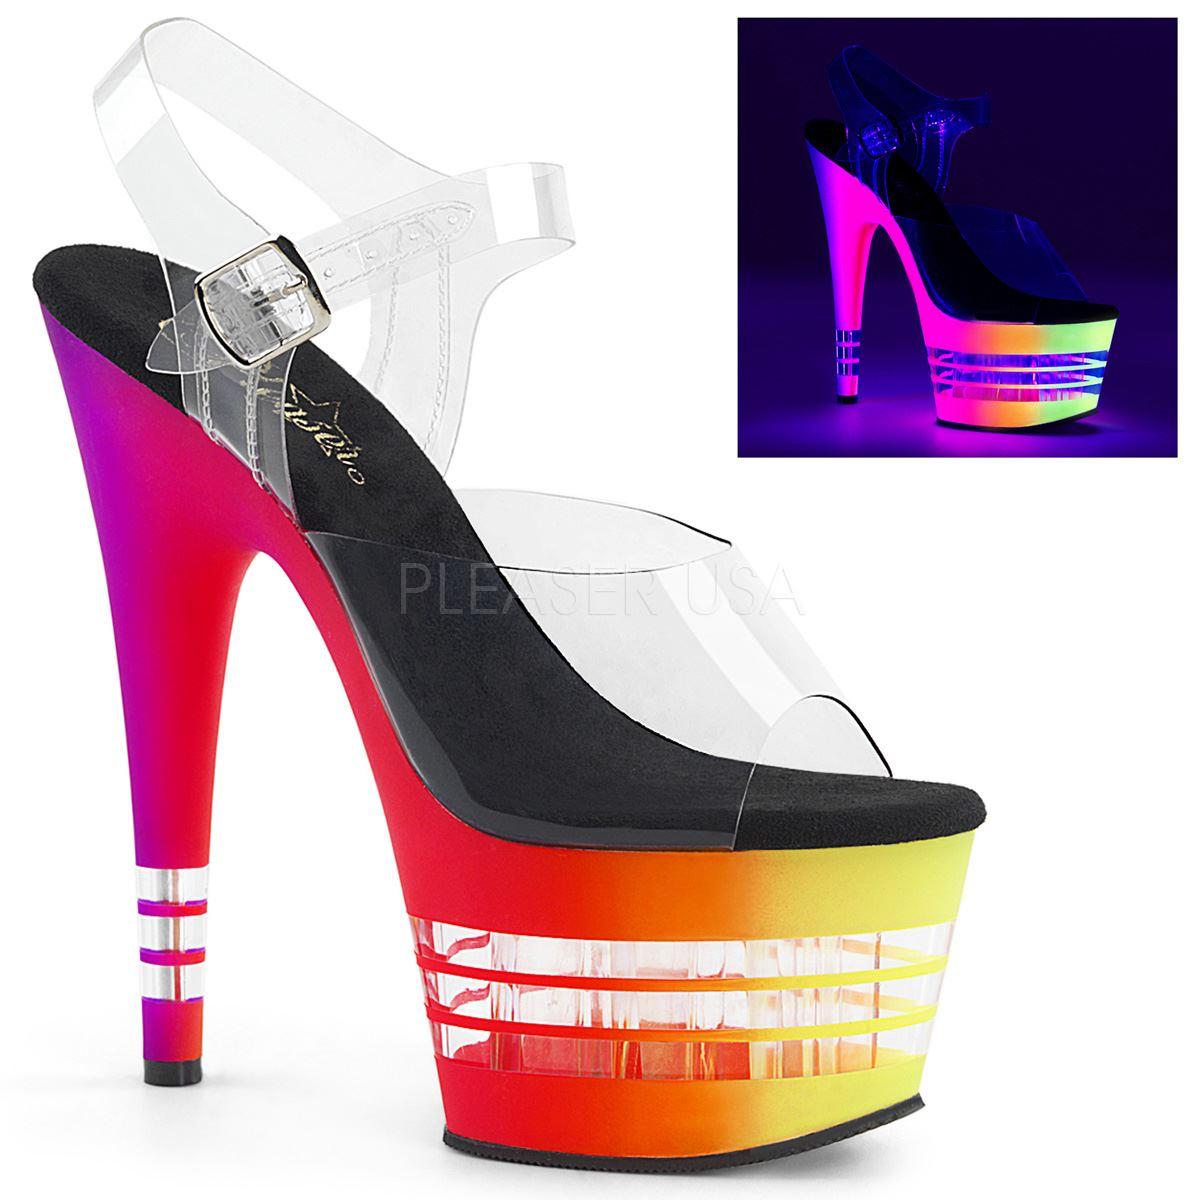 PLEASER ADORE - 708 uvln Donna Piattaforma Caviglia Cinturino Sandalo Donna uvln Chiaro UV/Neon Multi 34b089